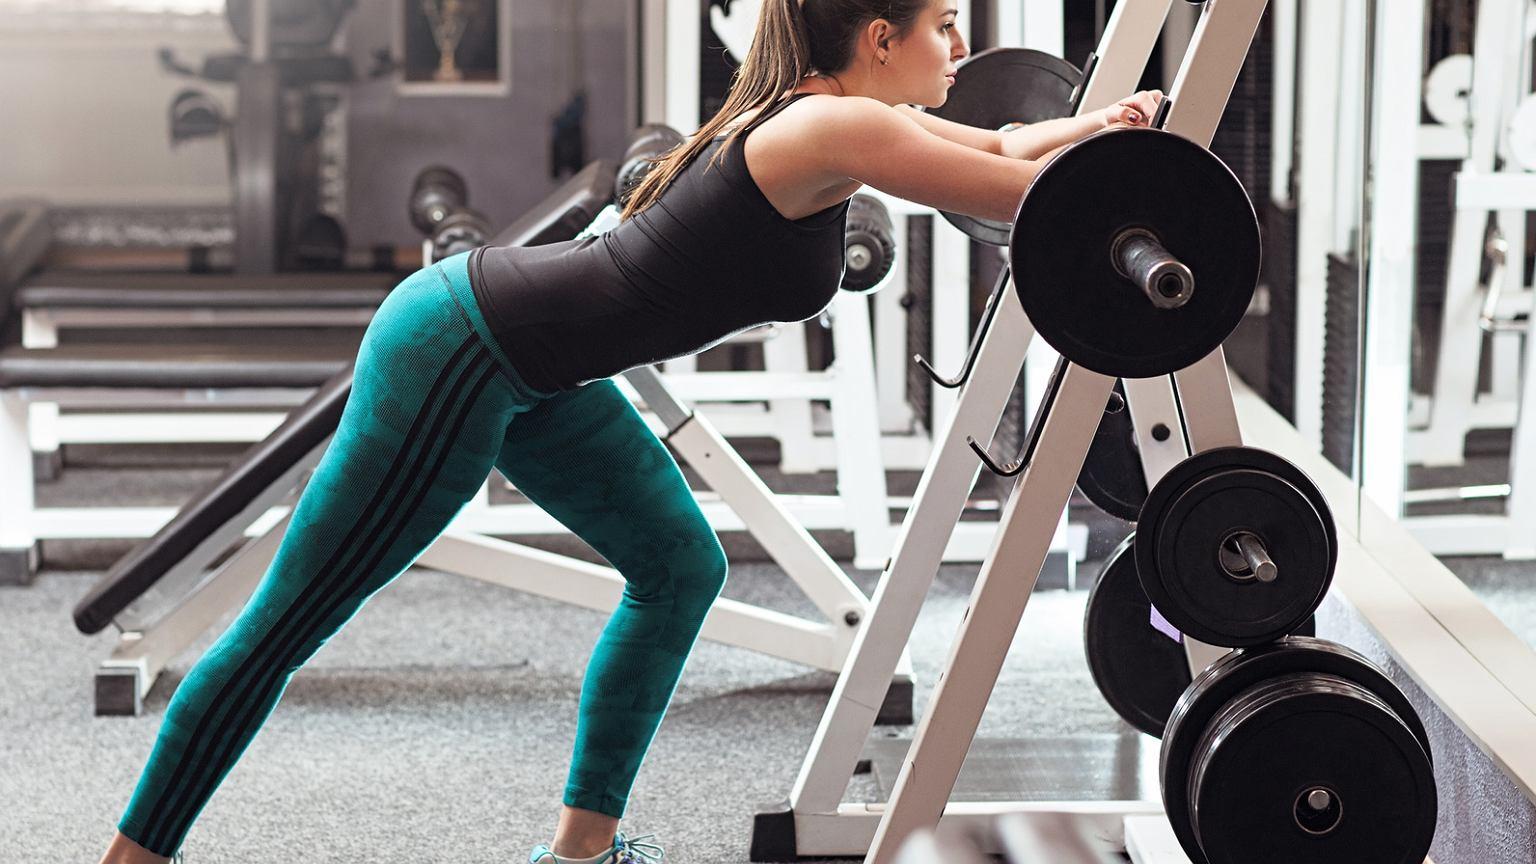 Najlepsze urządzenie do ćwiczeń w domu żeby schudnąć